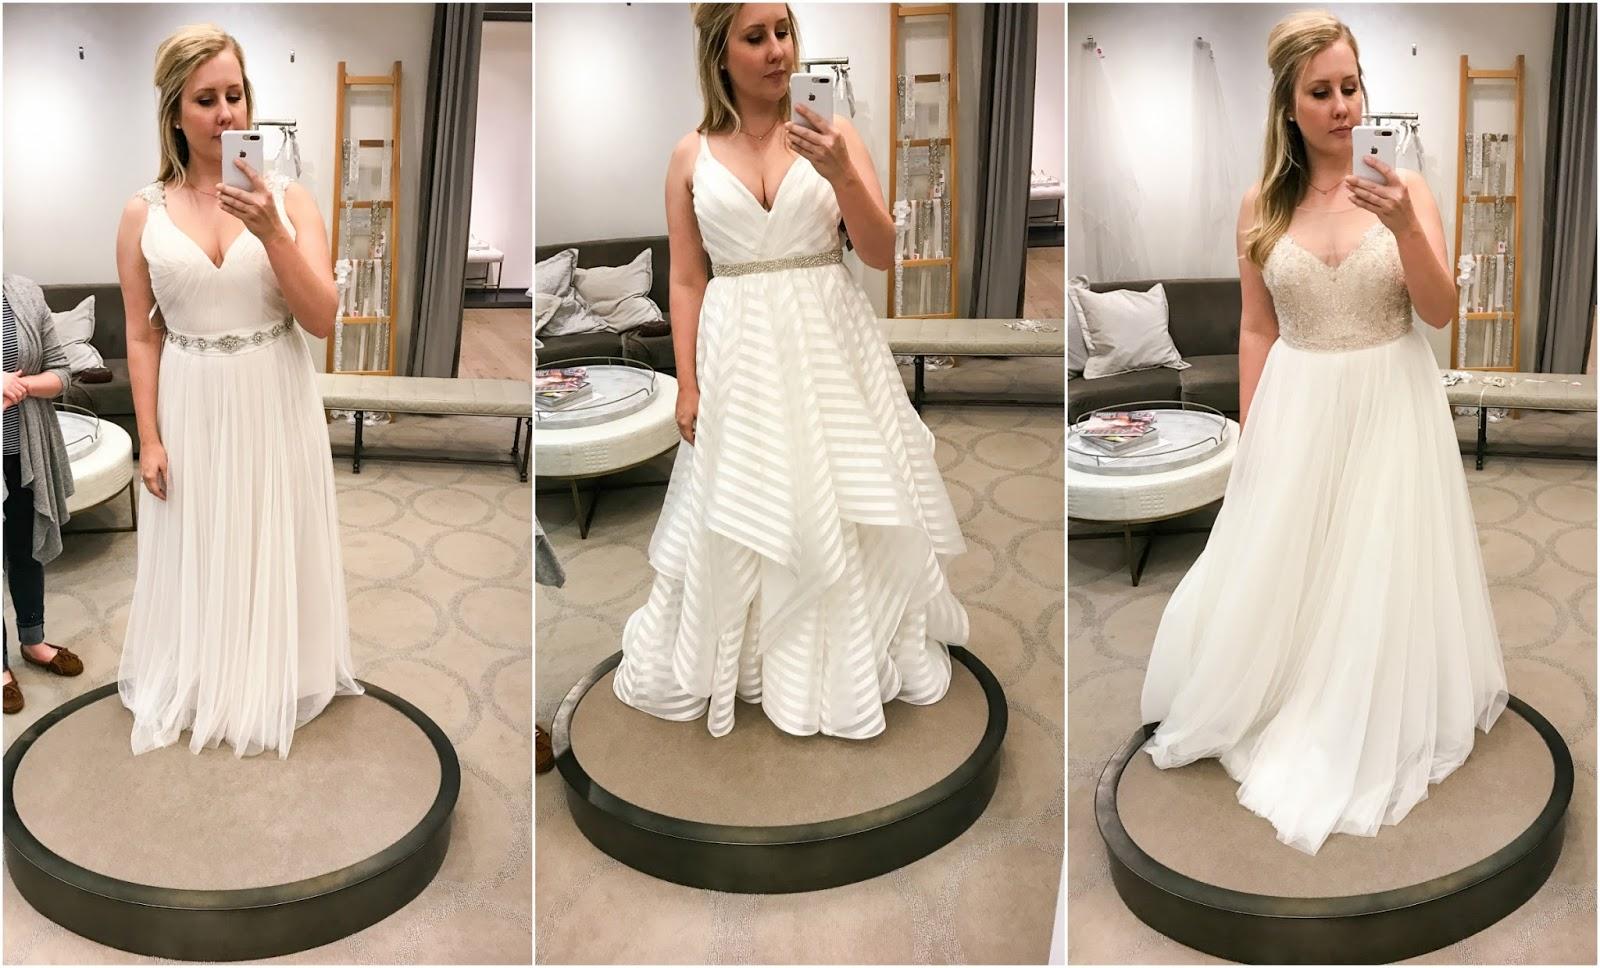 Franish: wedding wednesday: saying yes to the dress!